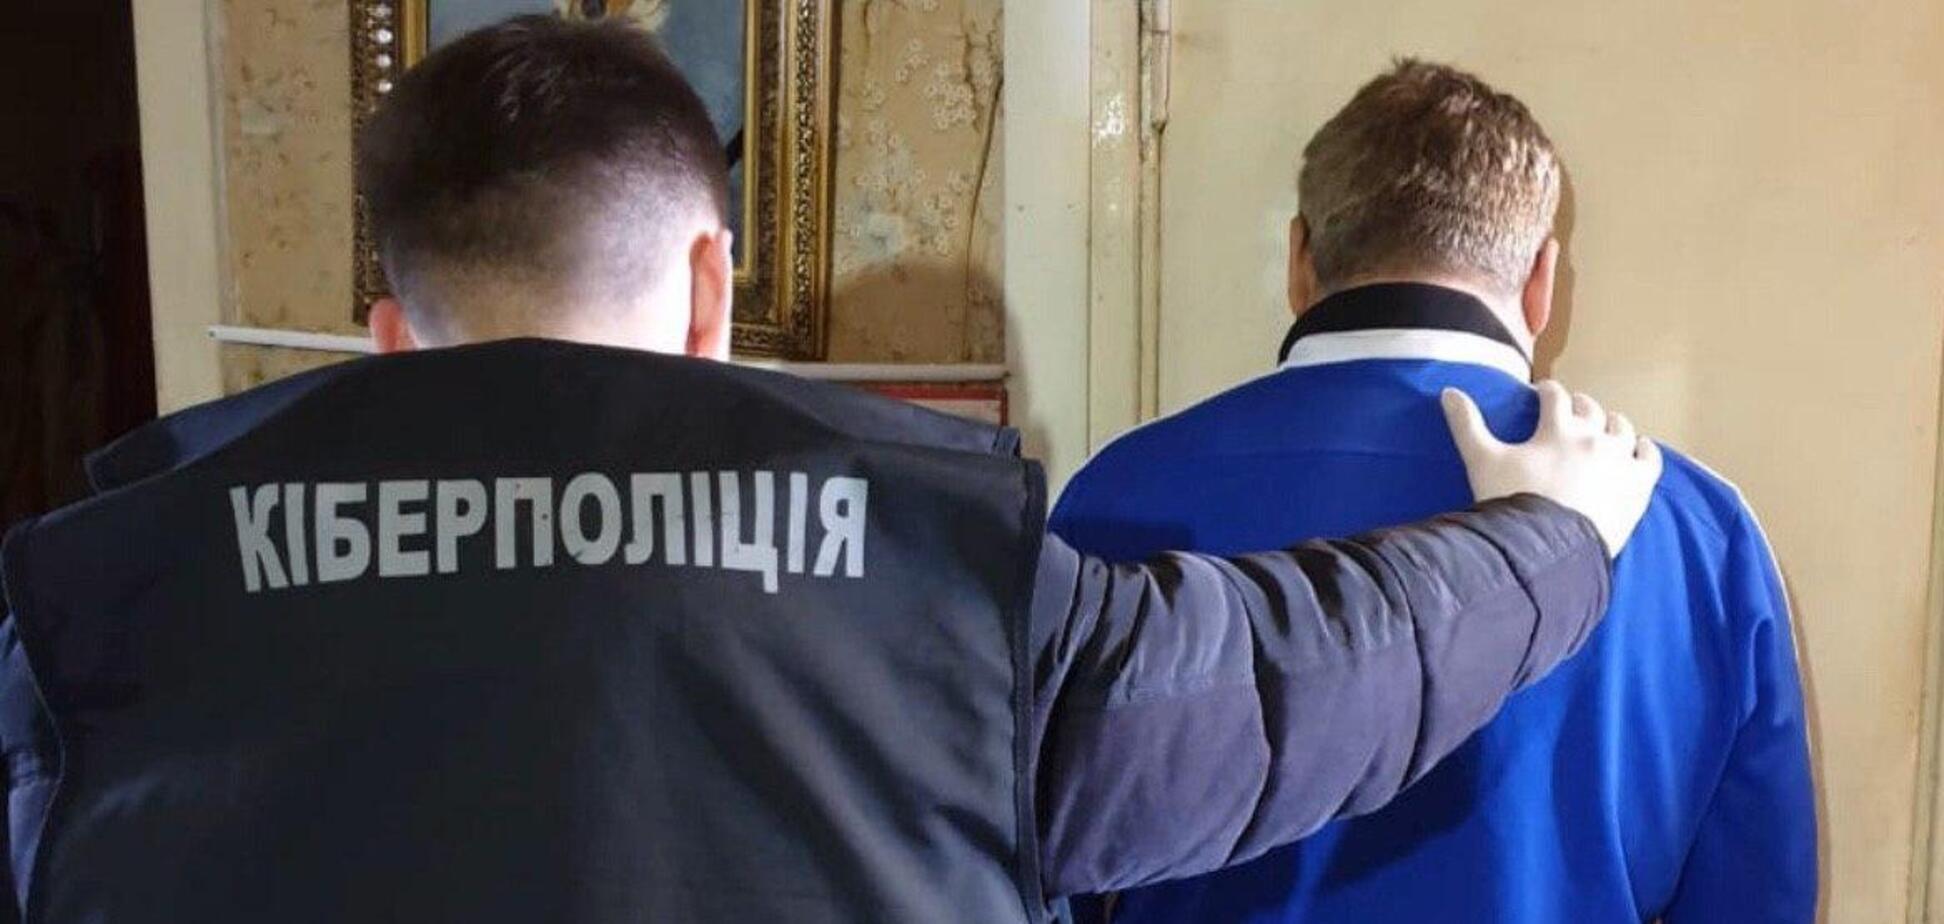 На Днепропетровщине извращенец снимал 13-летнюю девочку в порно